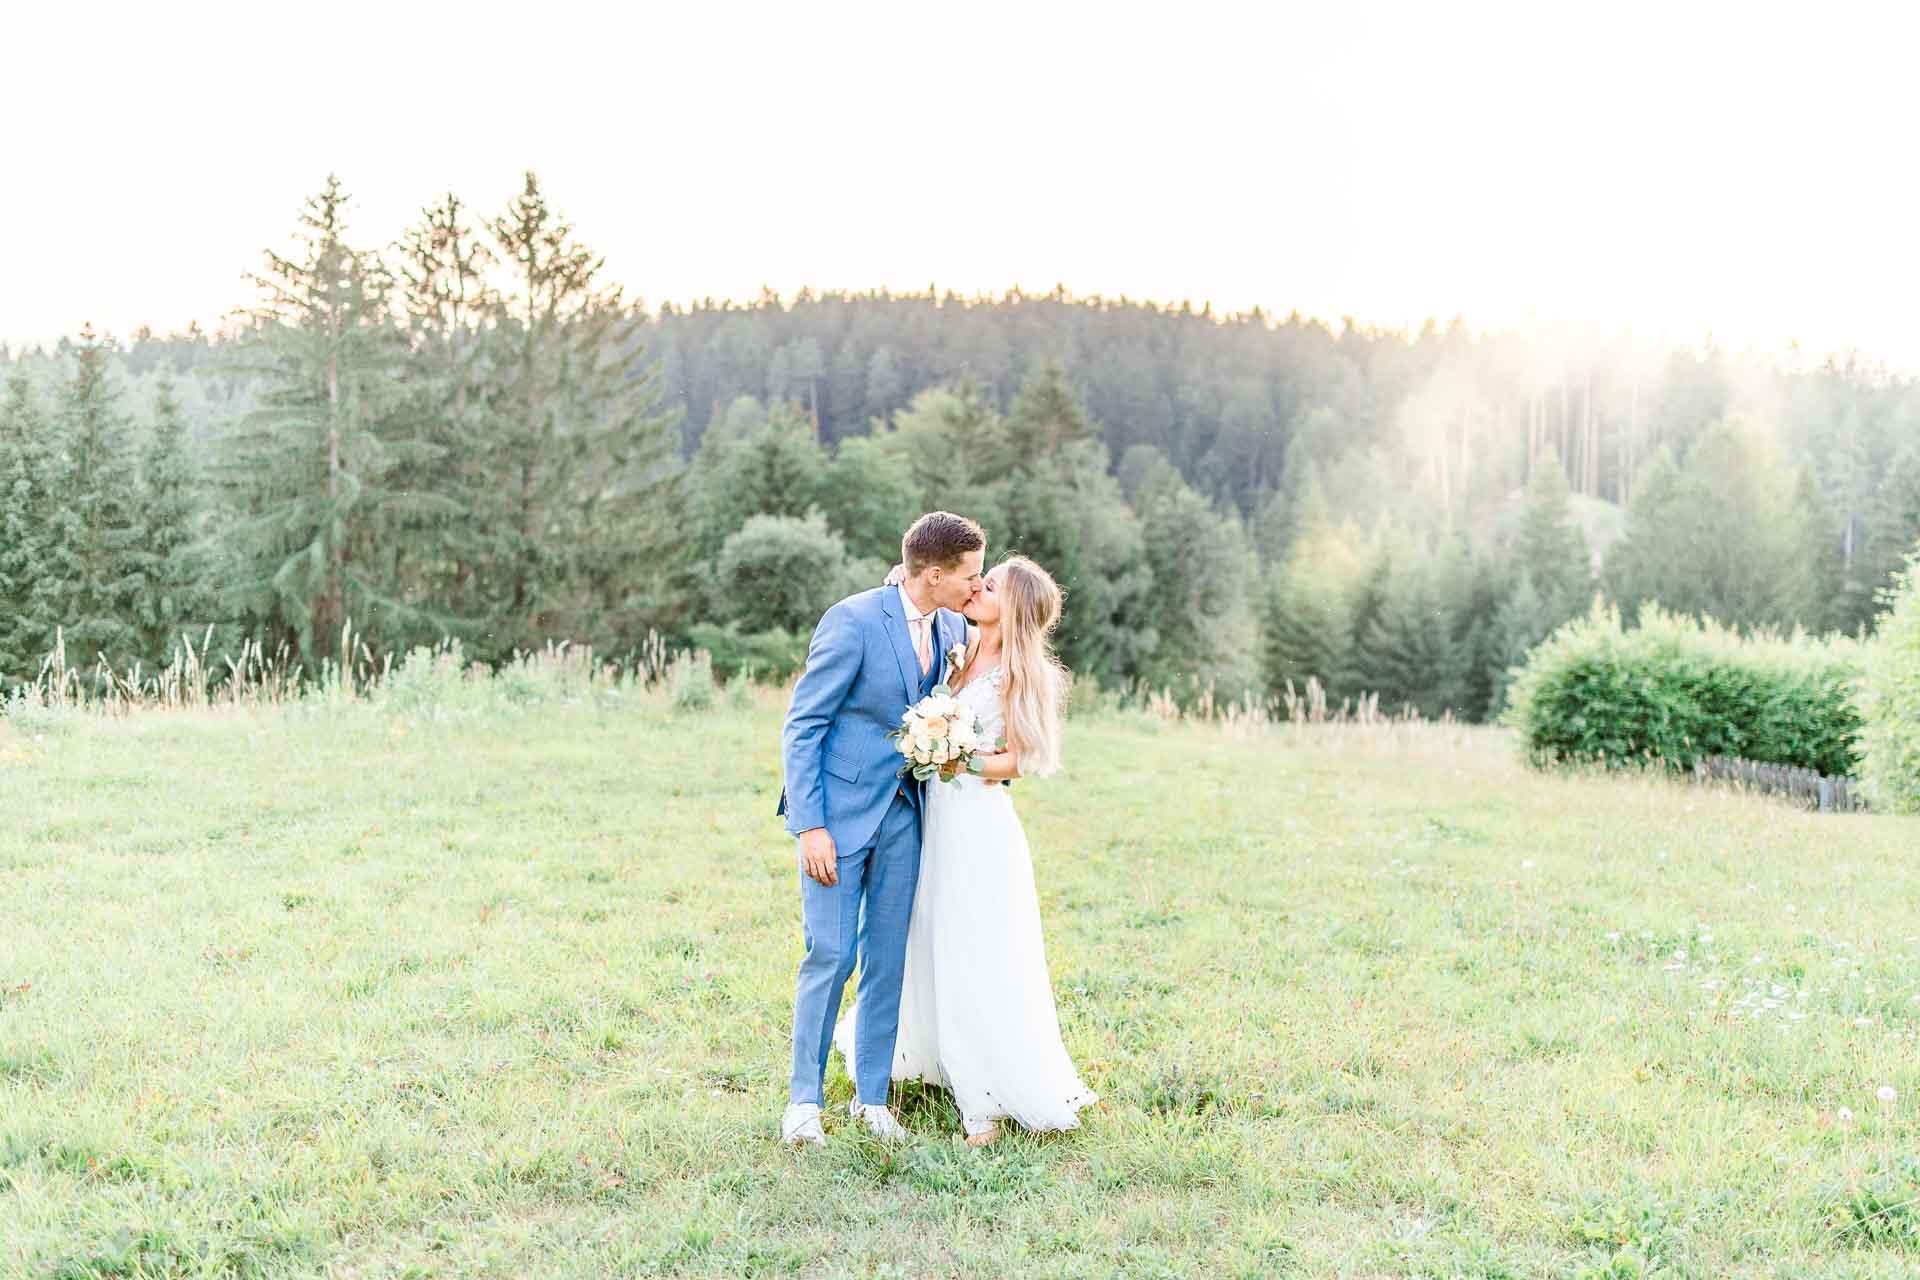 Hochzeit in Niederösterreich heiraten Bohohochzeit Vintagehochzeit Brautkleid Pronovias Flossmann Hochzeitsanzug Joop Paarshooting Hochzeitsfotos Sonnenuntergang